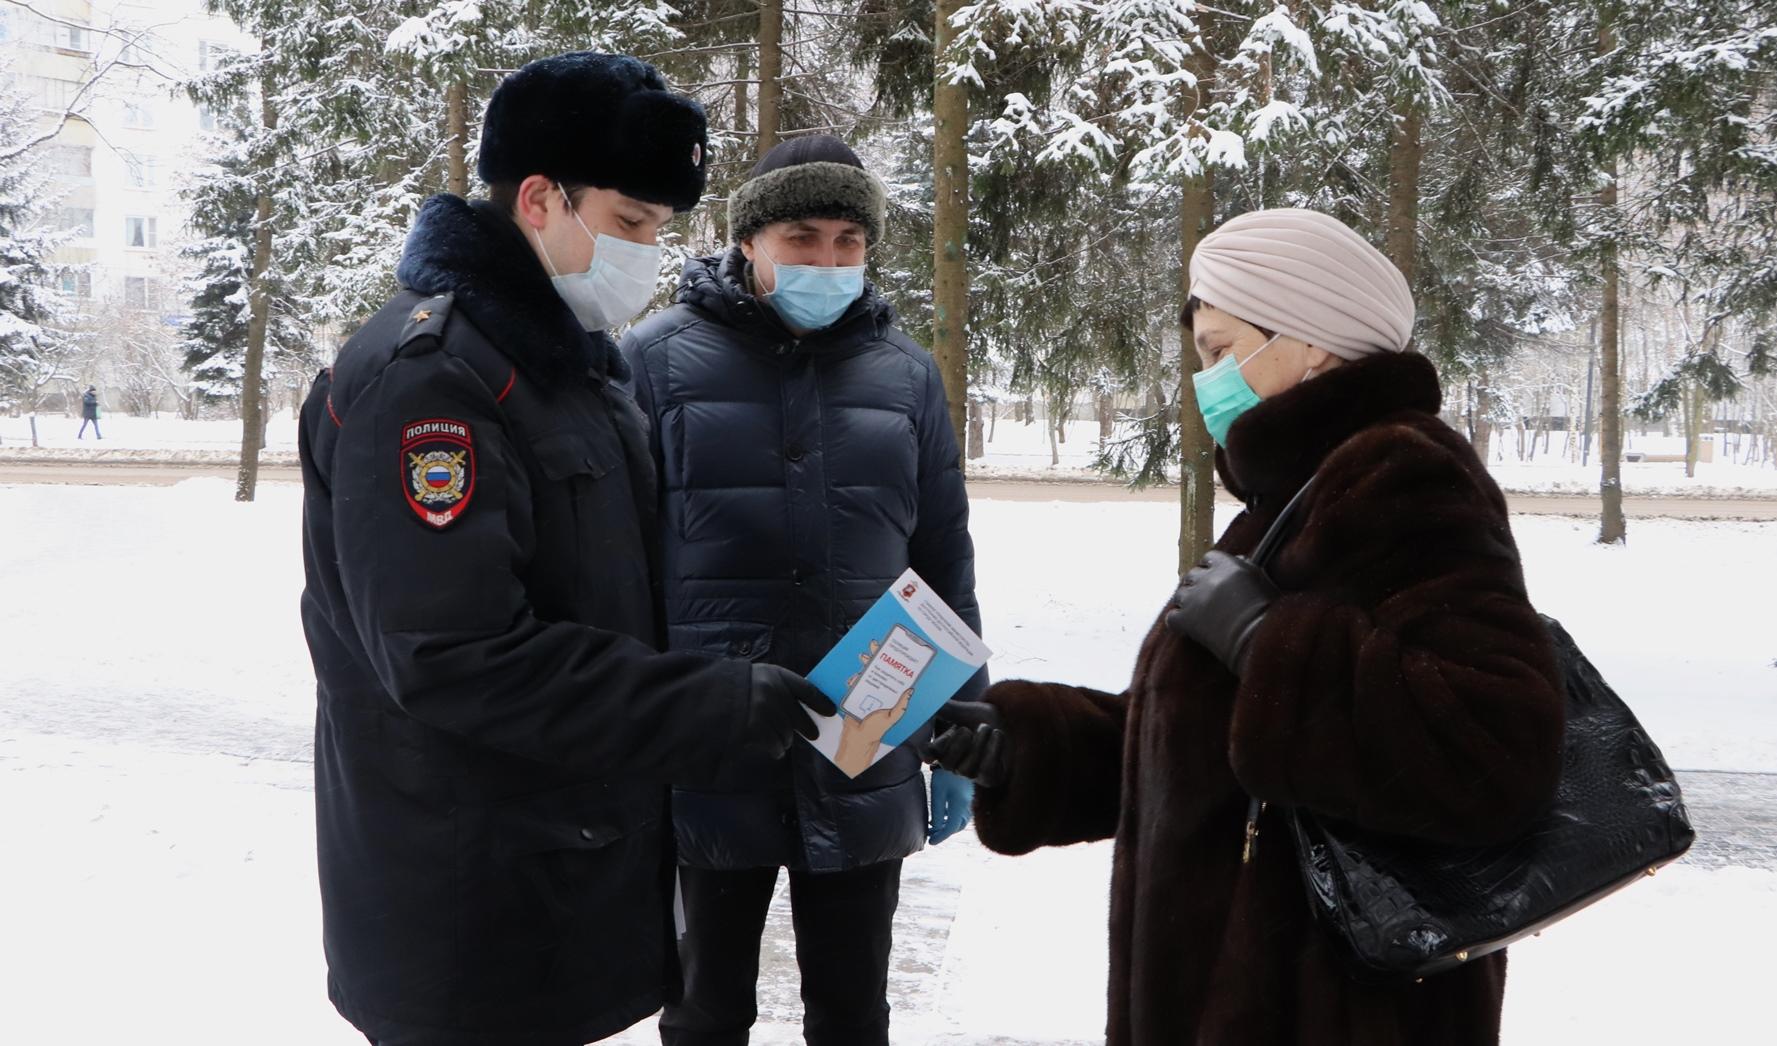 Полицейский Новой Москвы совместно с общественником провели акцию «Осторожно, мошенники!»